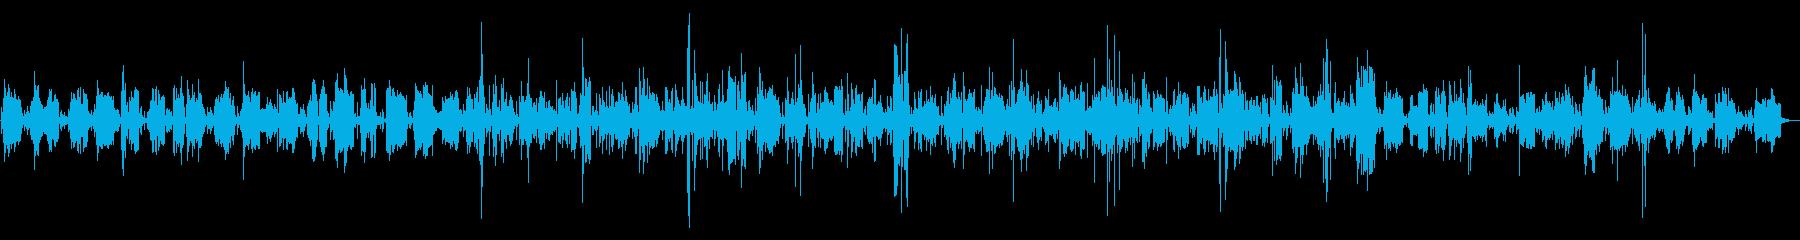 静寂な夜に聴きたい大人のジャズBGMの再生済みの波形